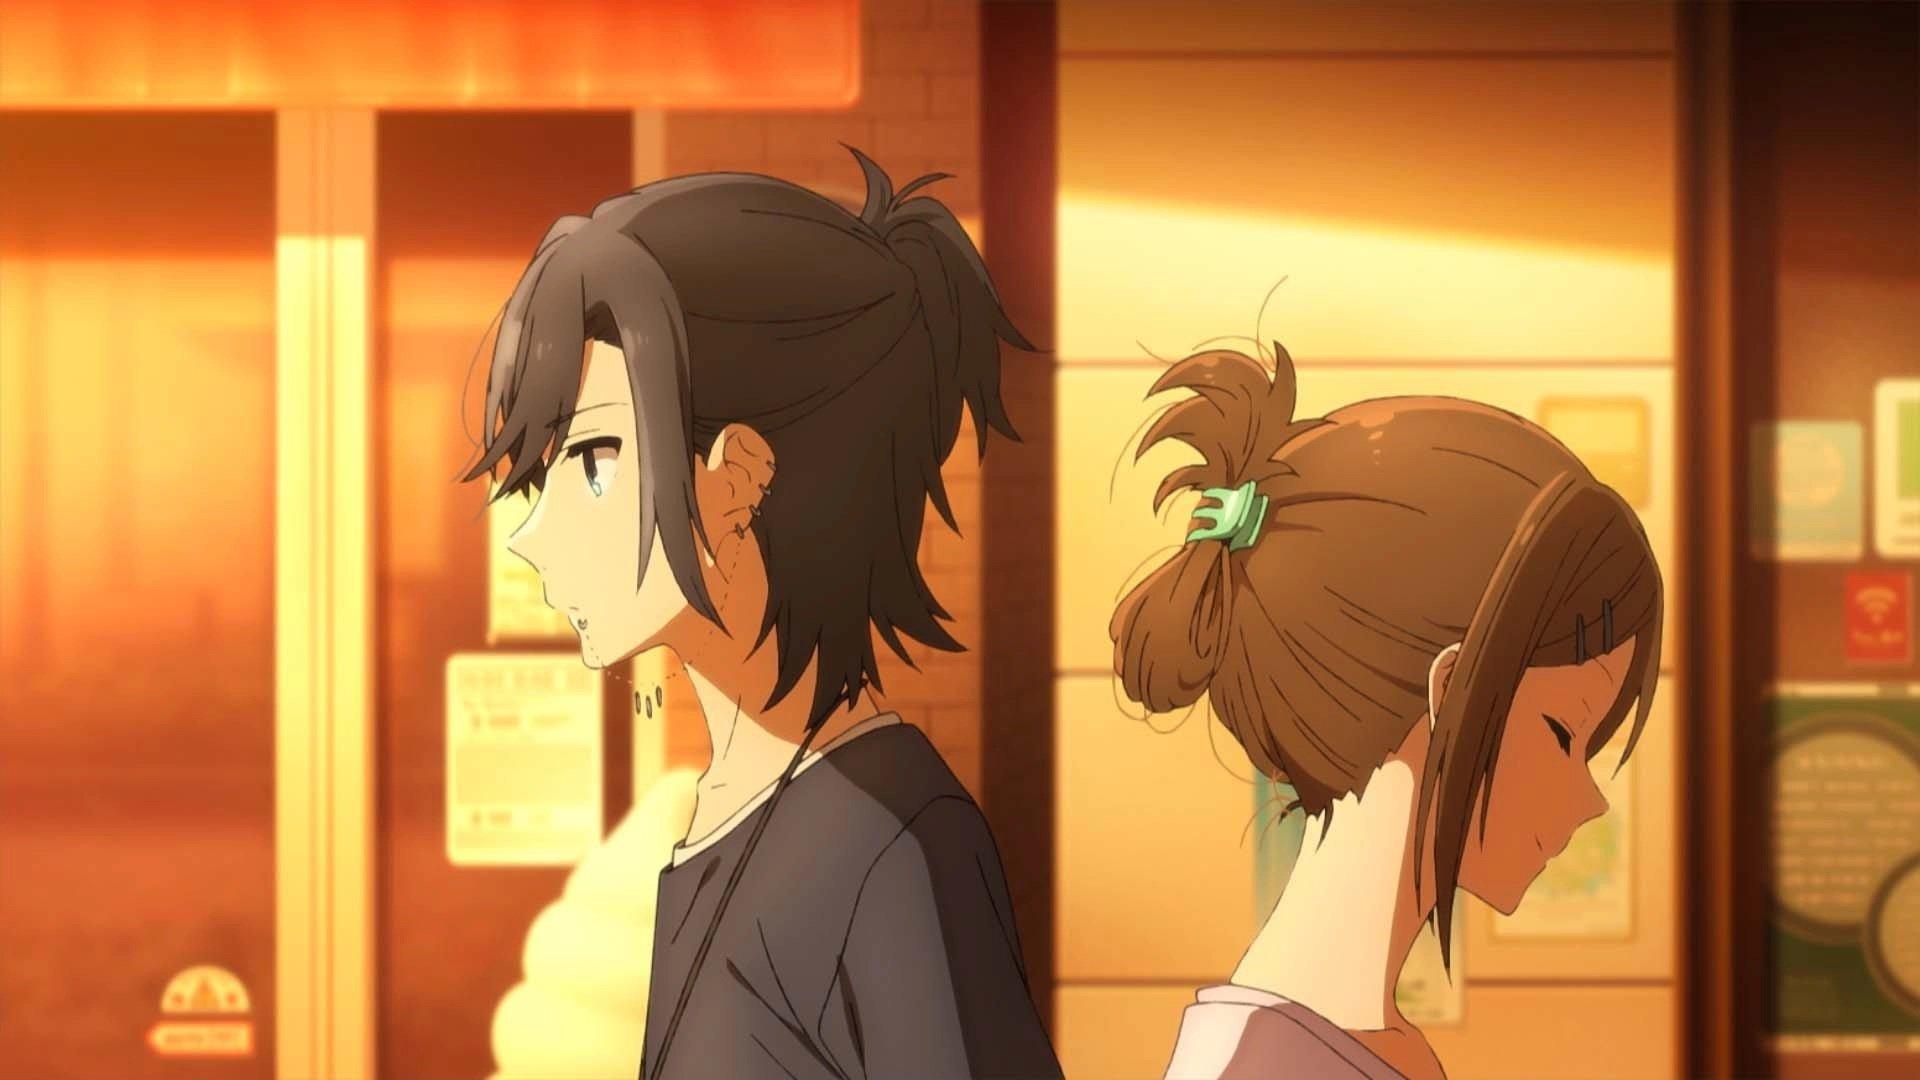 Imagen del primer tráiler de 'Horimiya' con los protagonistas caminando en direcciones contrarias en una calle solitaria a la luz del atardecer.